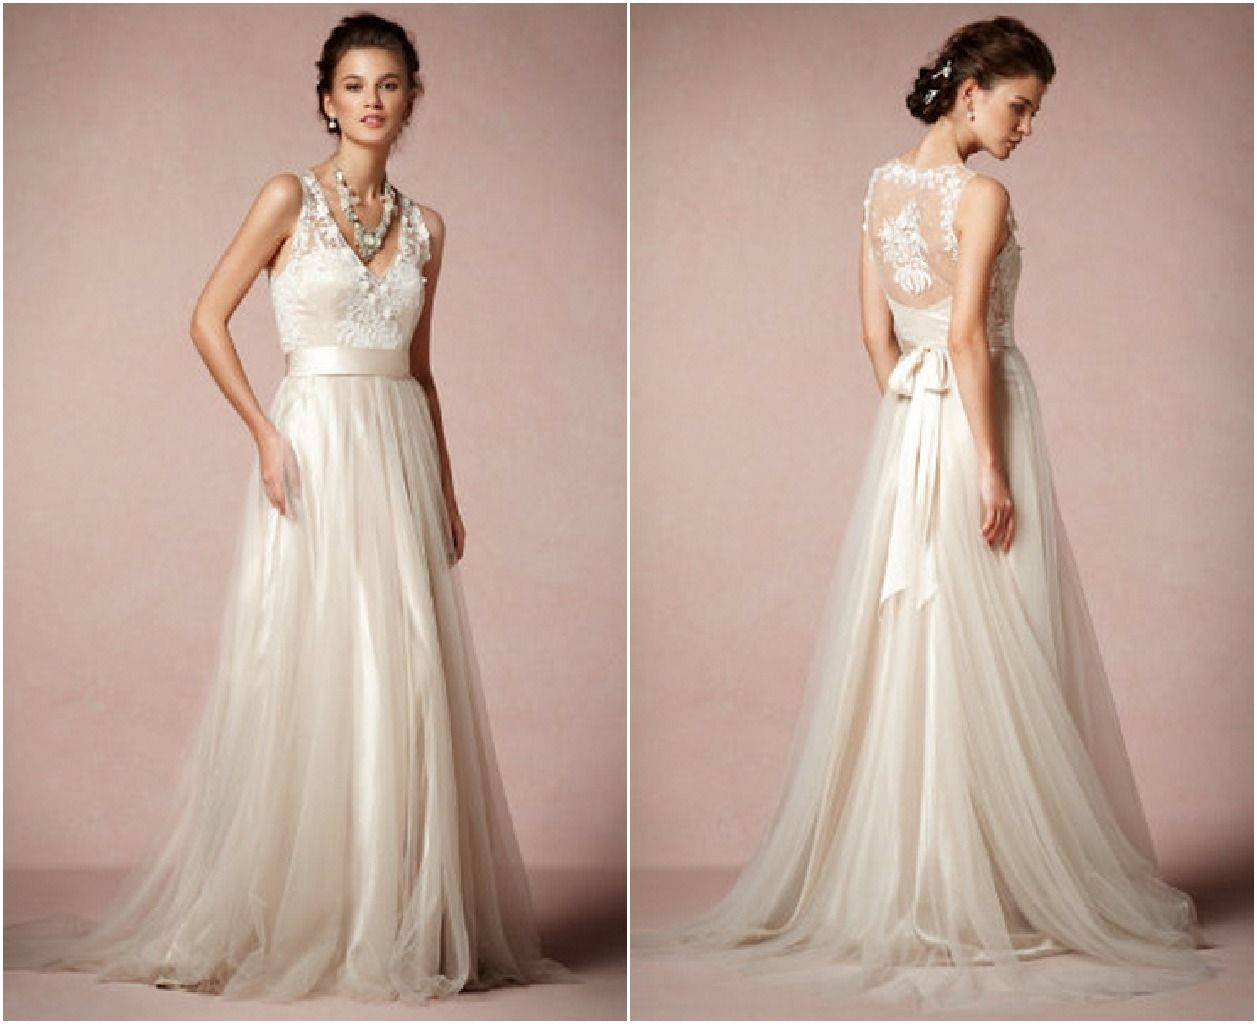 Lace Wedding Dresses, Lace